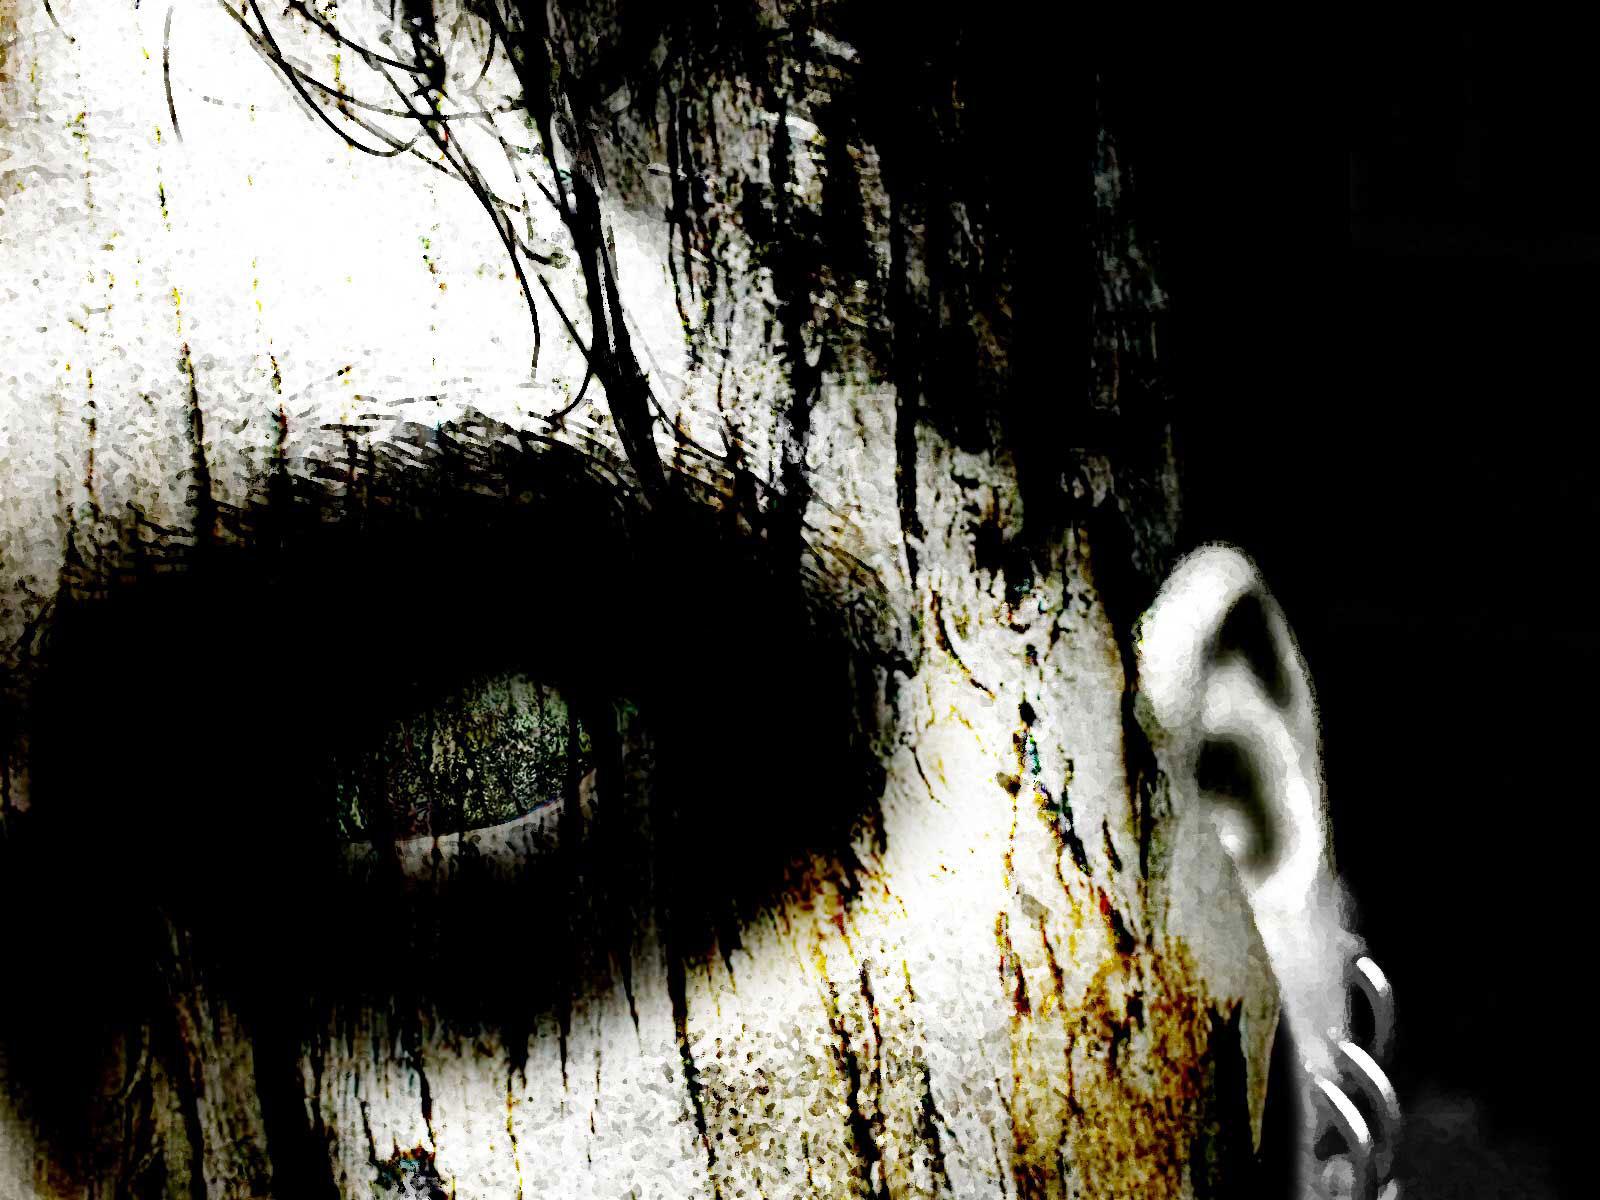 http://2.bp.blogspot.com/-Aj3xJ4eJ_6k/T64ur_8Z_6I/AAAAAAAAAG0/Z8VNt9Pq0N8/s1600/02.jpg